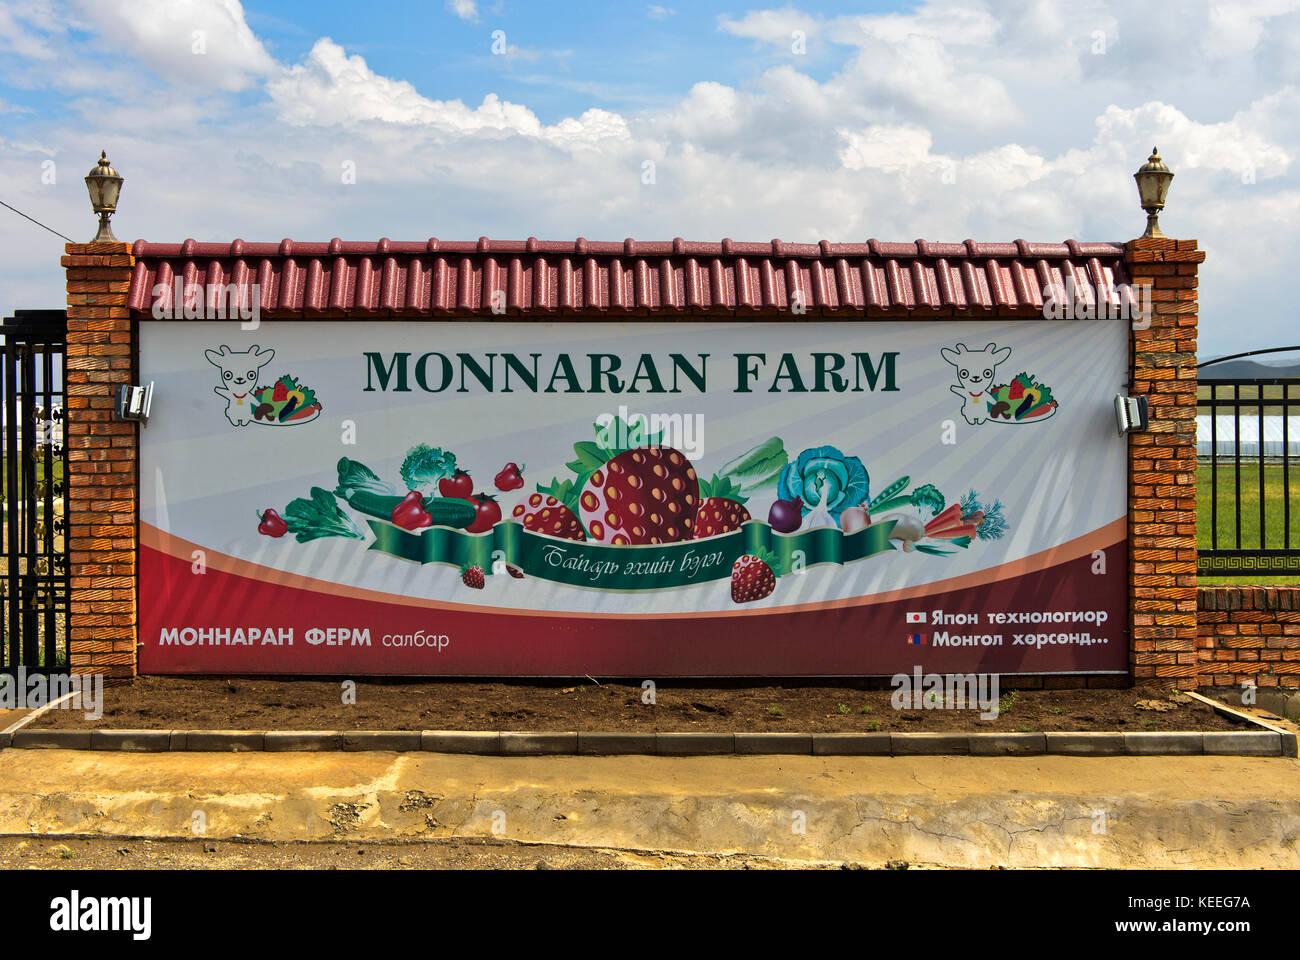 Affiche de l'monnaran de ferme agricole quotidienne llc, songino khairkhan, Mongolie Photo Stock